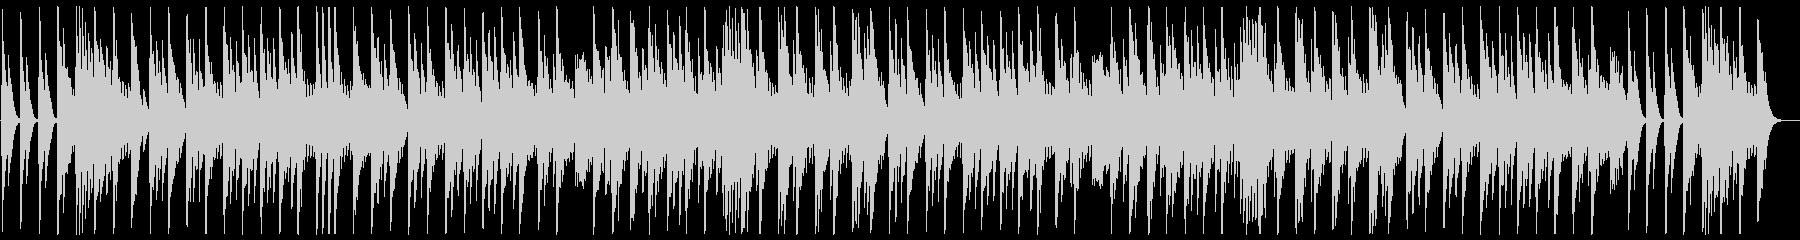 ゆっくり優しい眠たくなるオルゴールの曲の未再生の波形